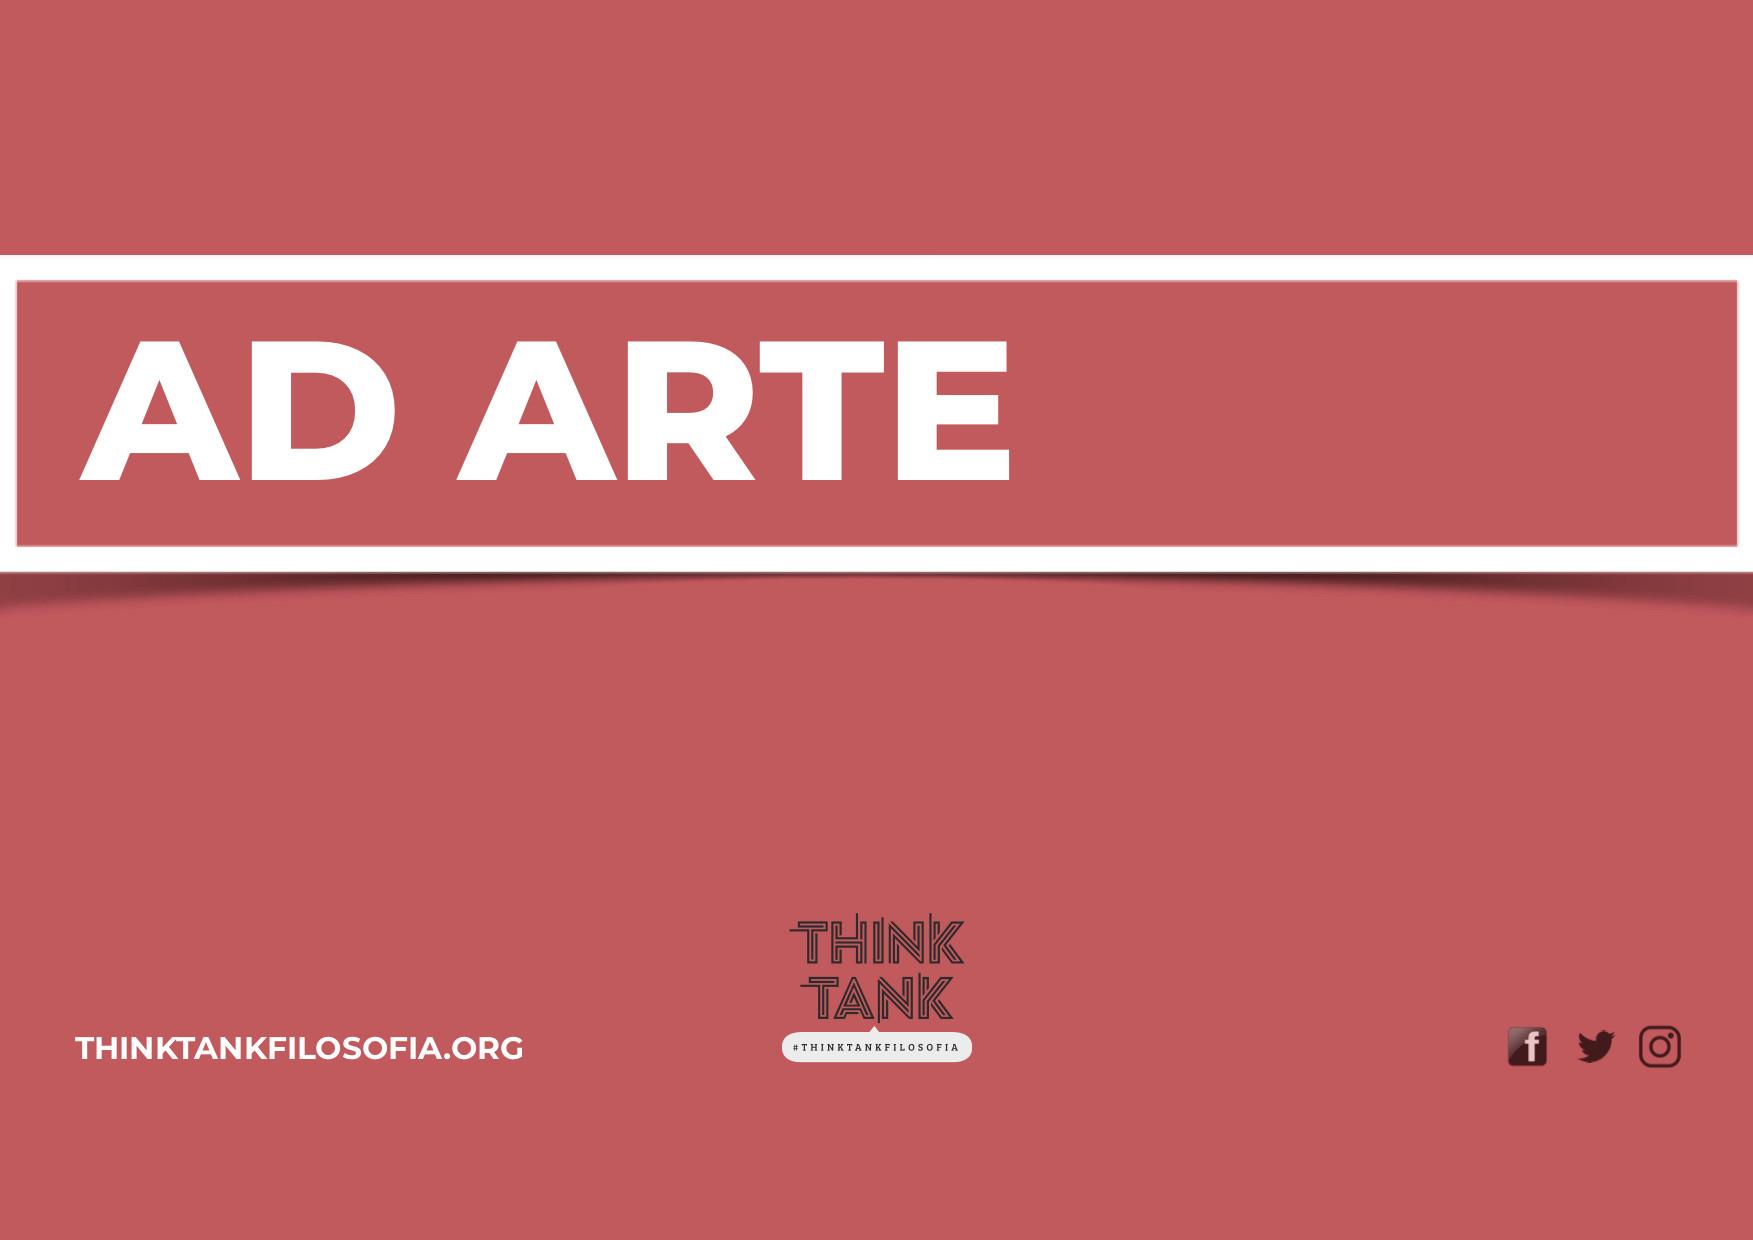 LUNEDI, 21:30-23:00 #arte